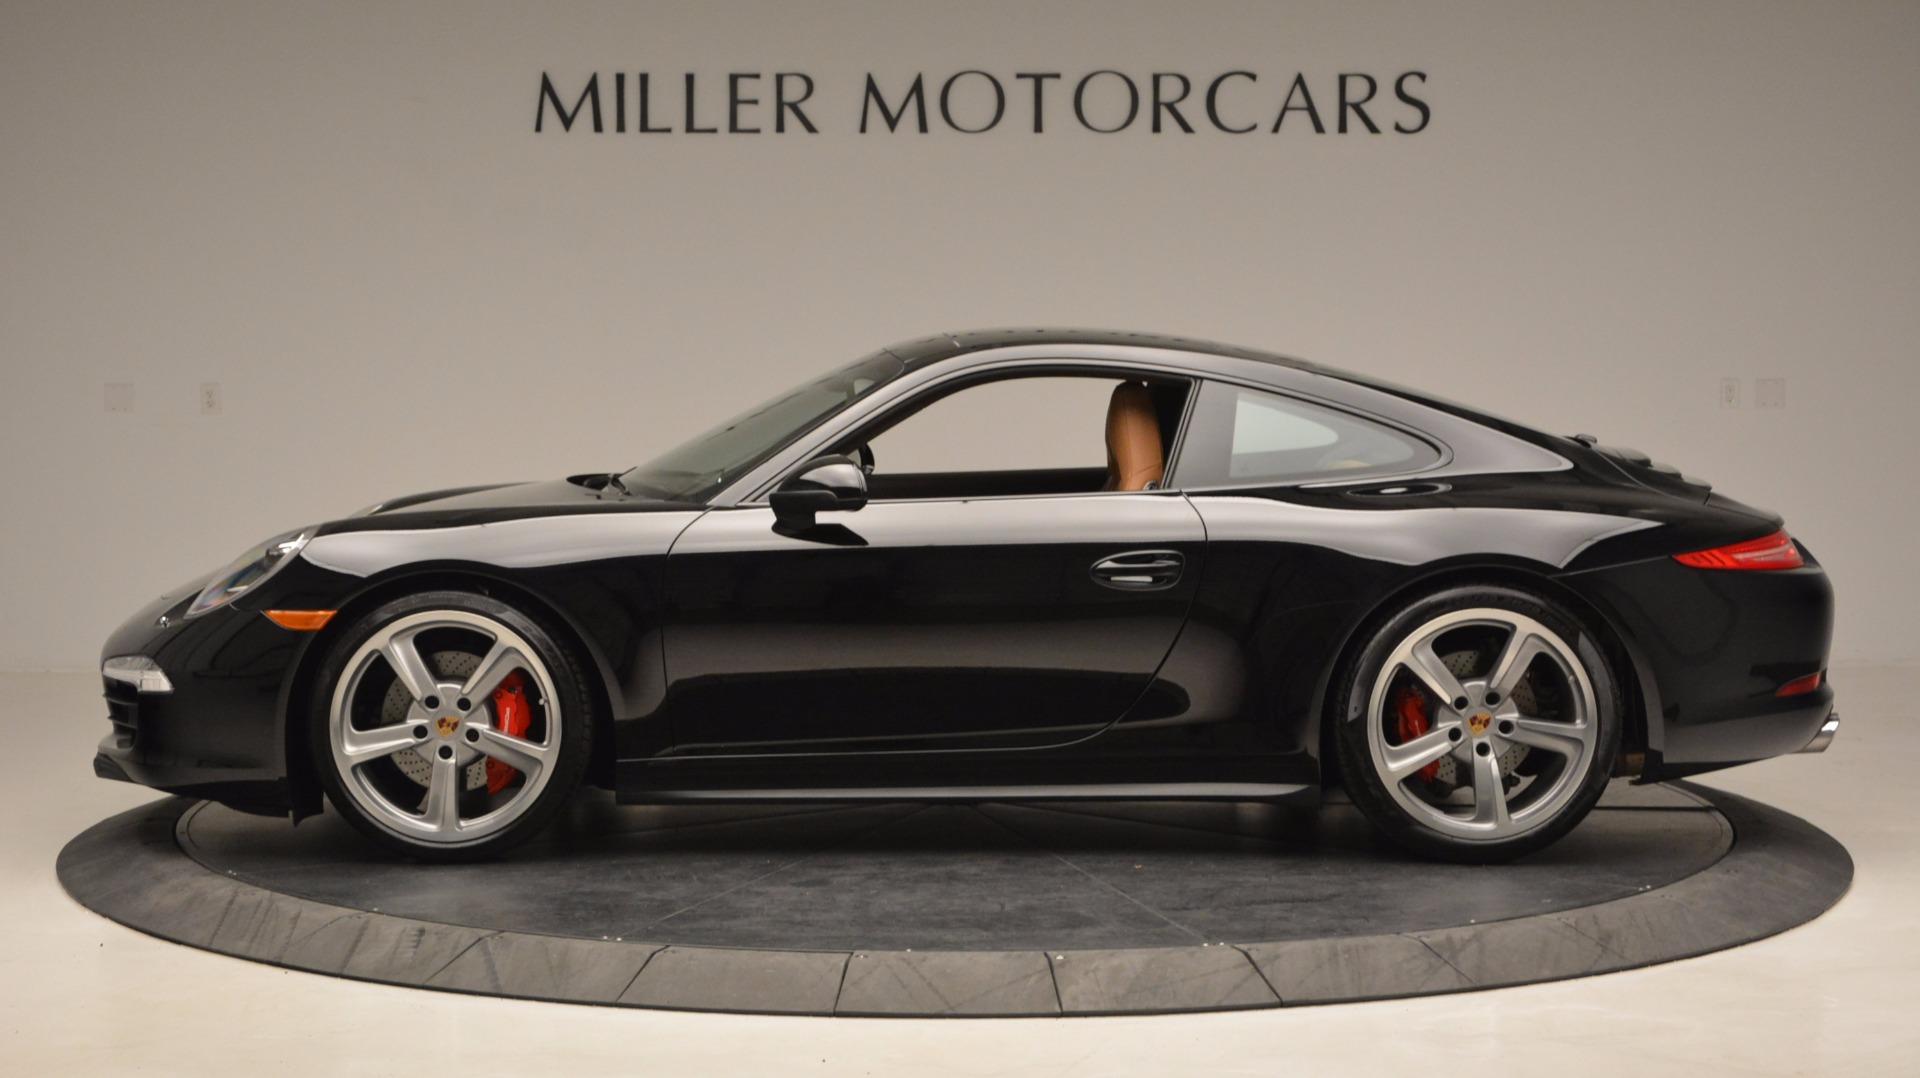 Used 2014 Porsche 911 Carrera 4S For Sale In Greenwich, CT 1076_p3